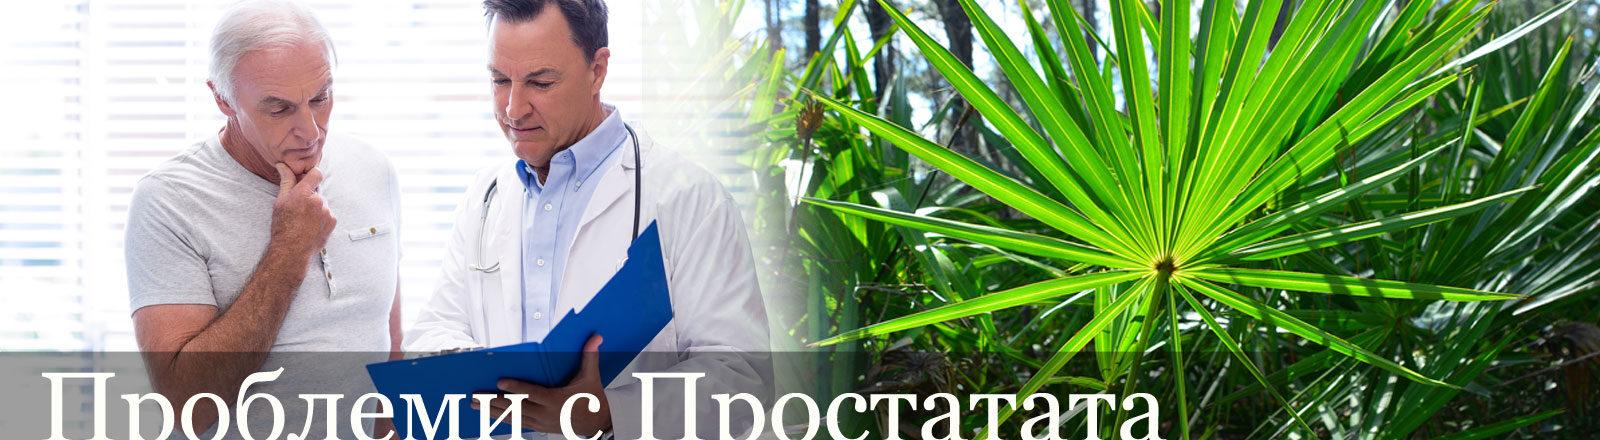 Проблеми с простатата - Кои билки ще помогнат?